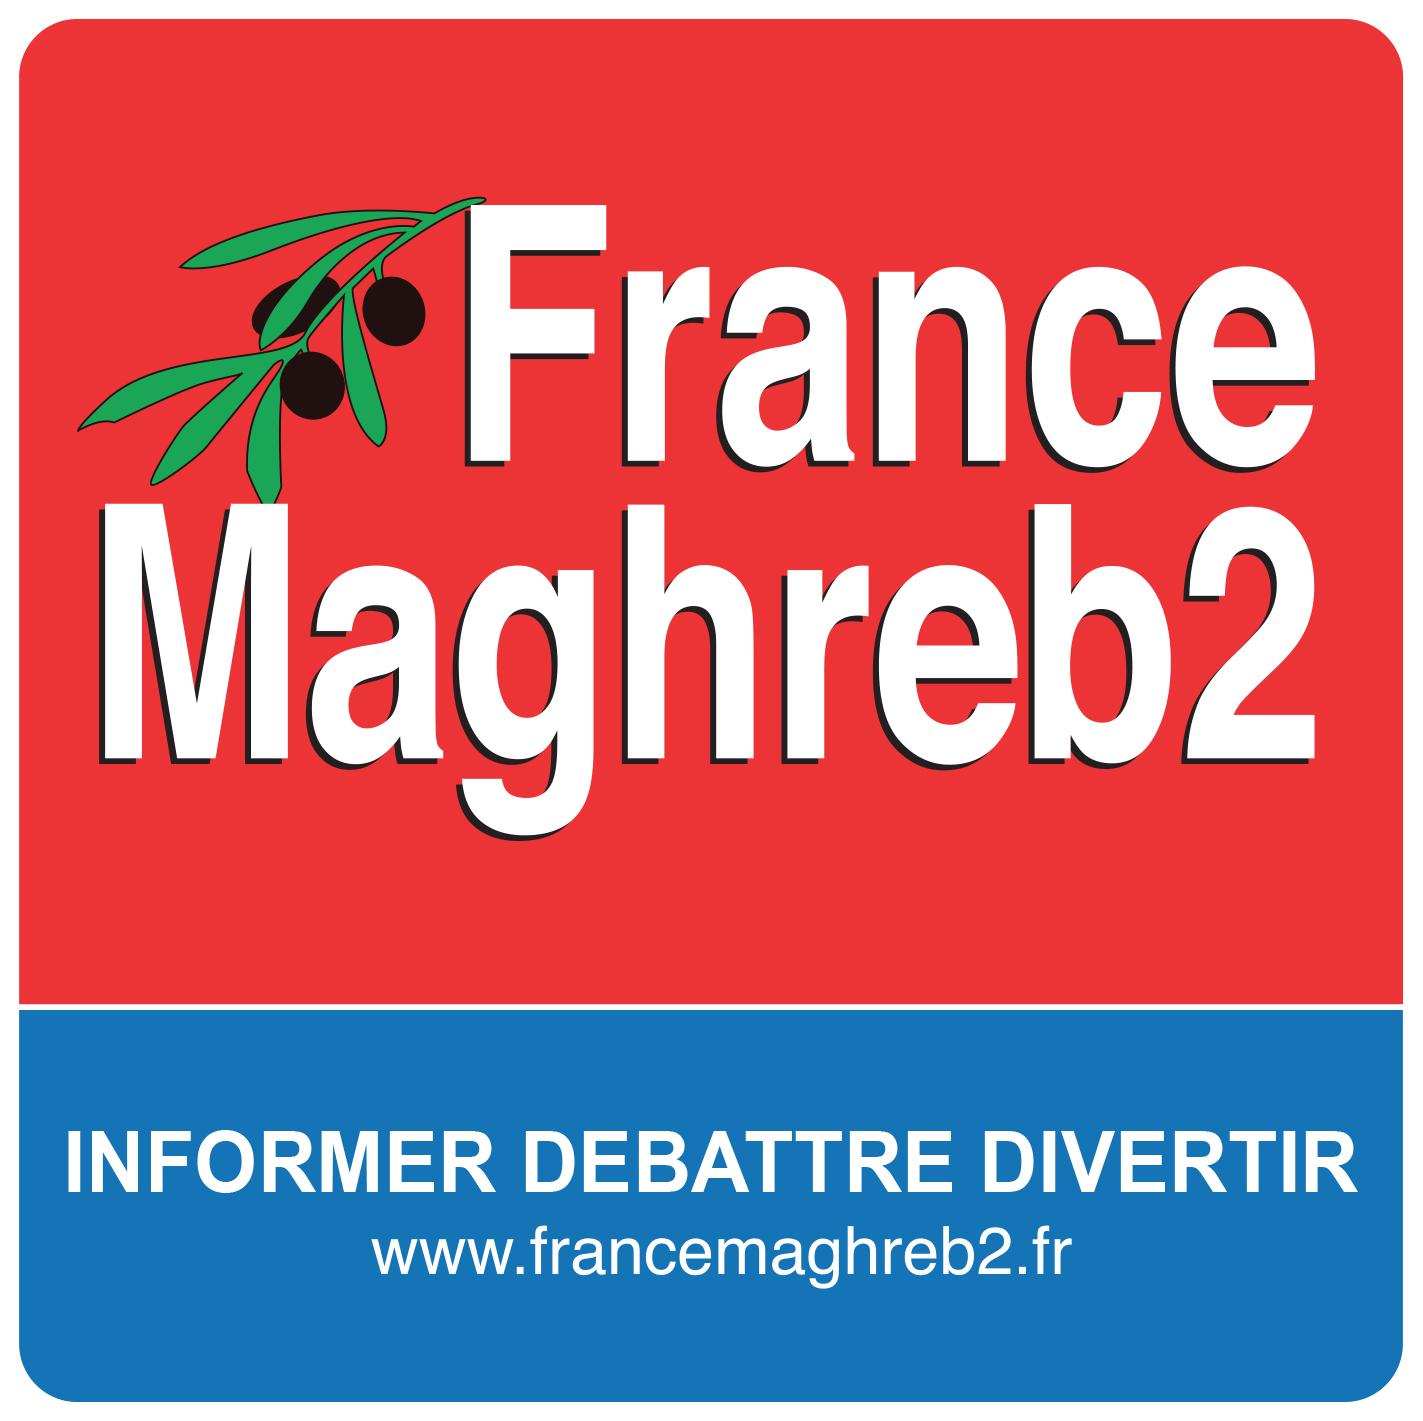 Logo france maghreb 2 generique